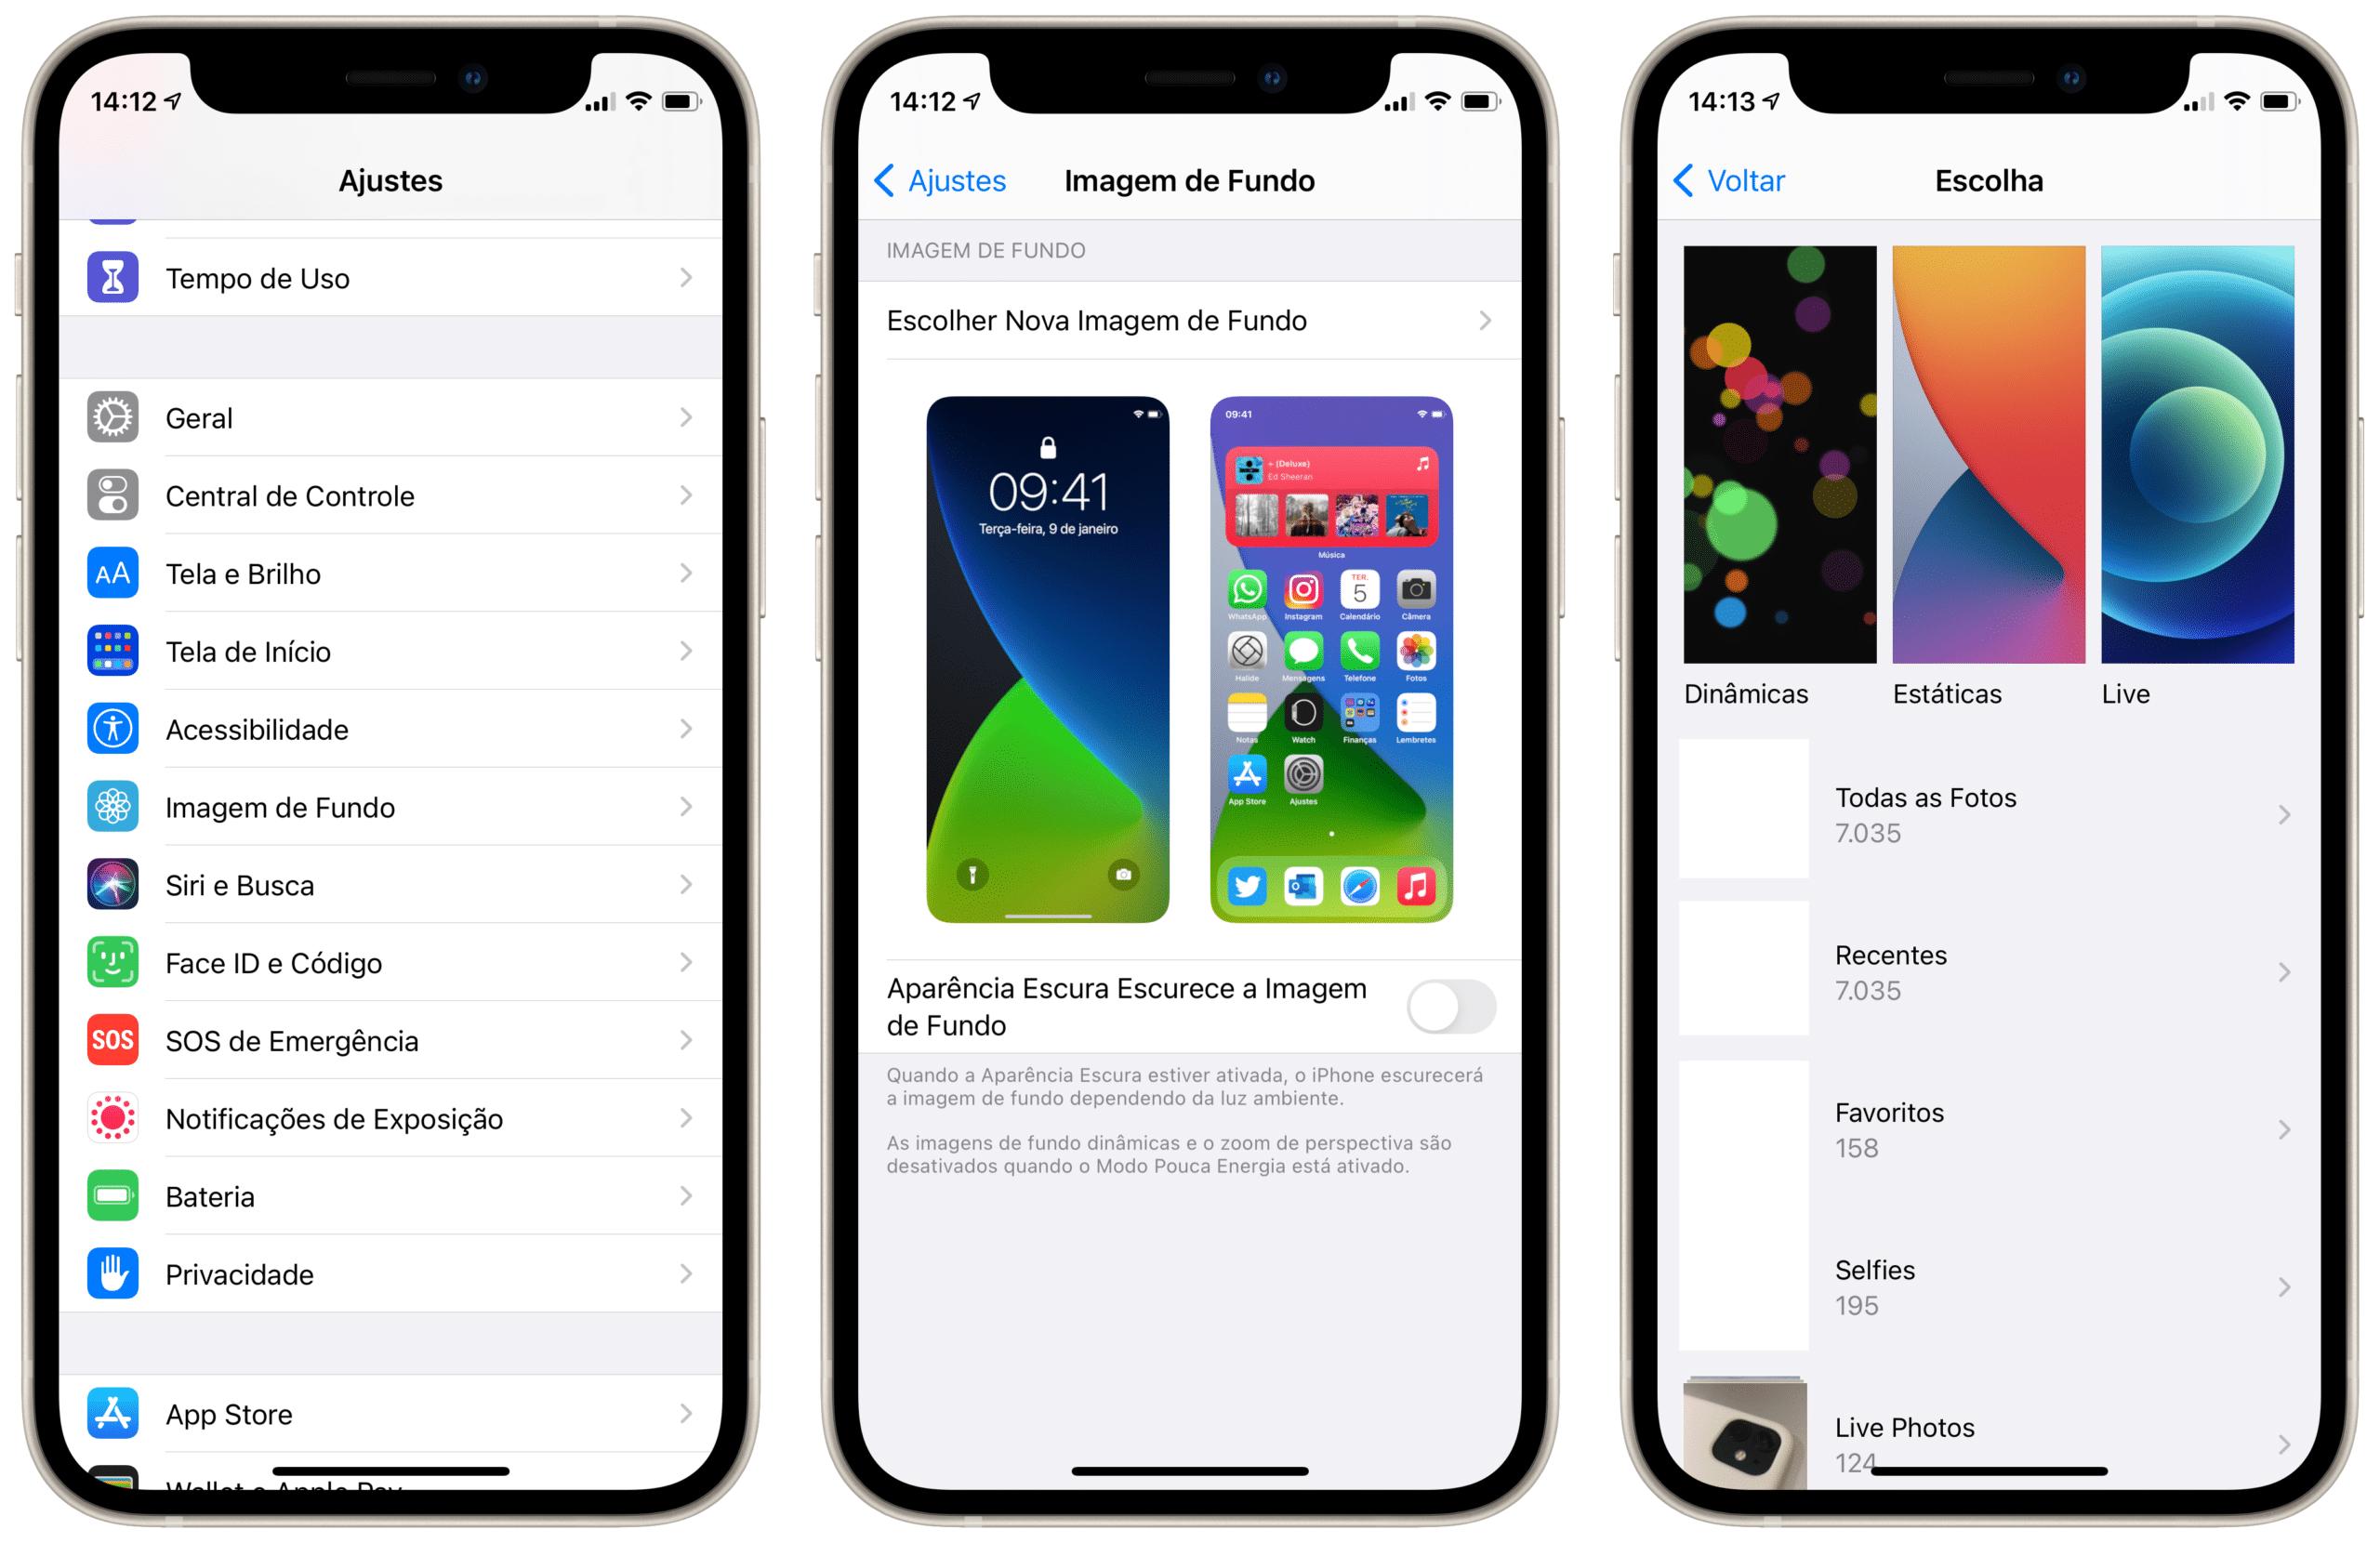 Alterando o wallpaper no iPhone